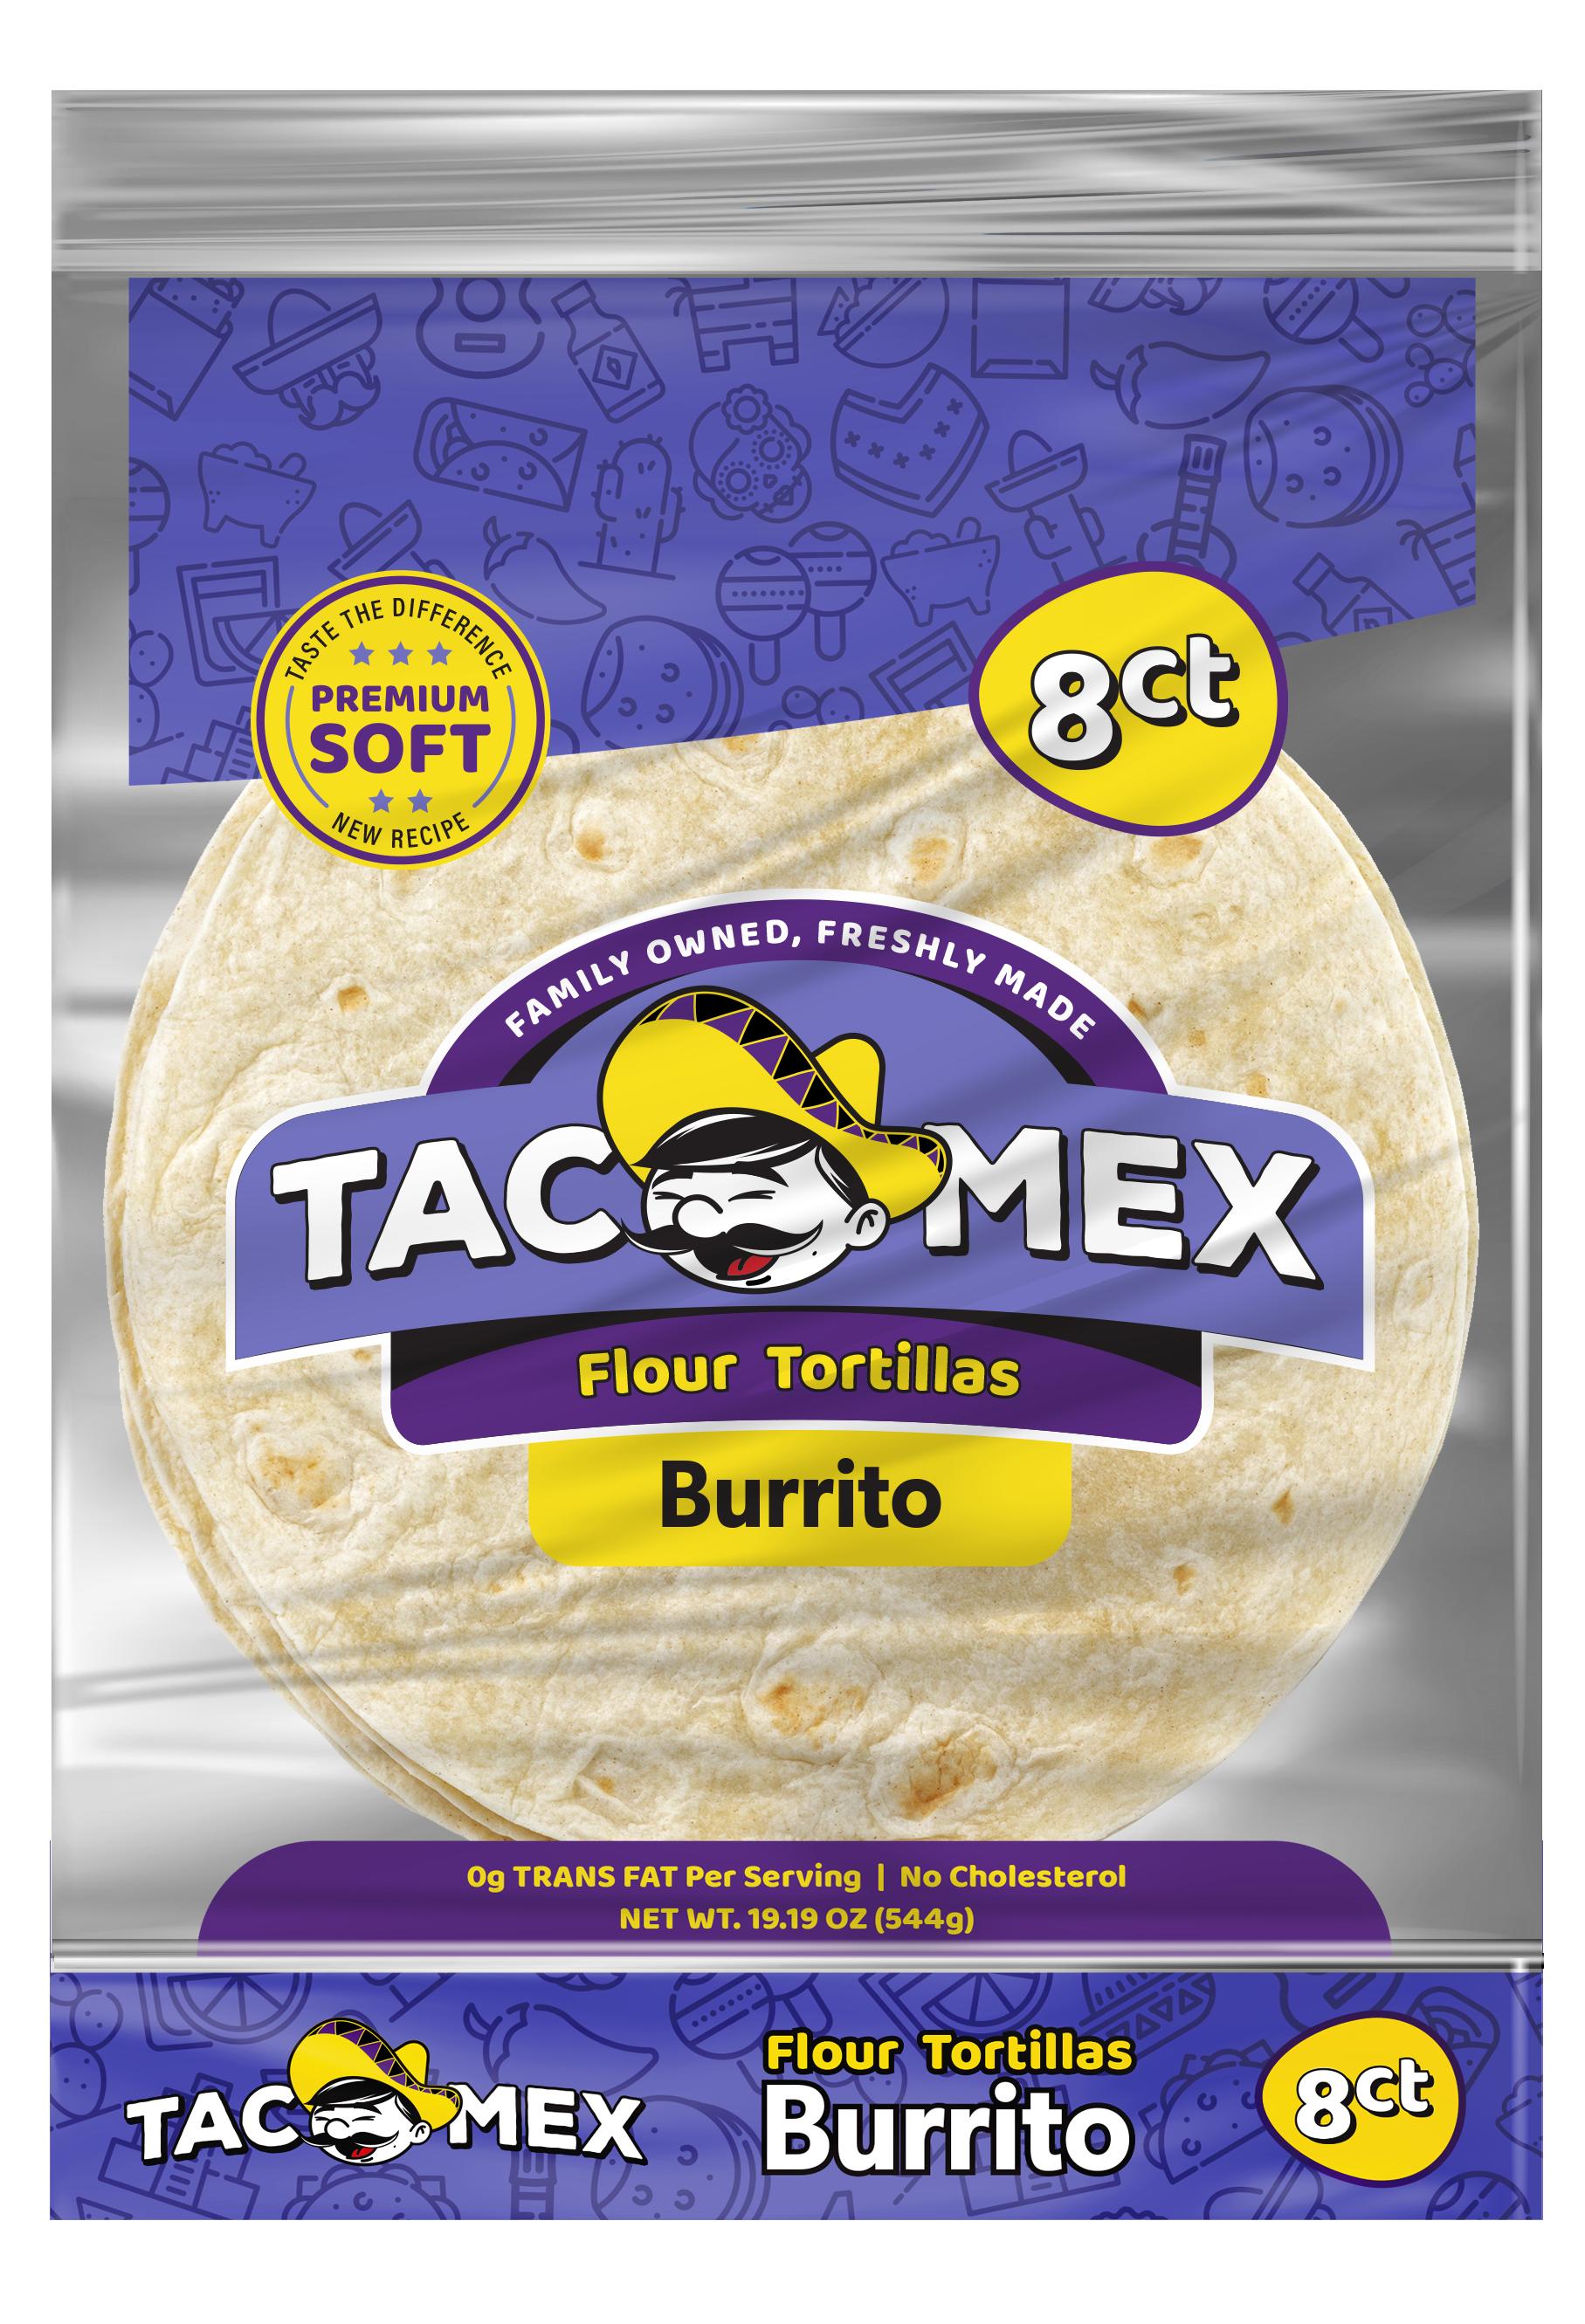 Tacomex burrito flour tortilla